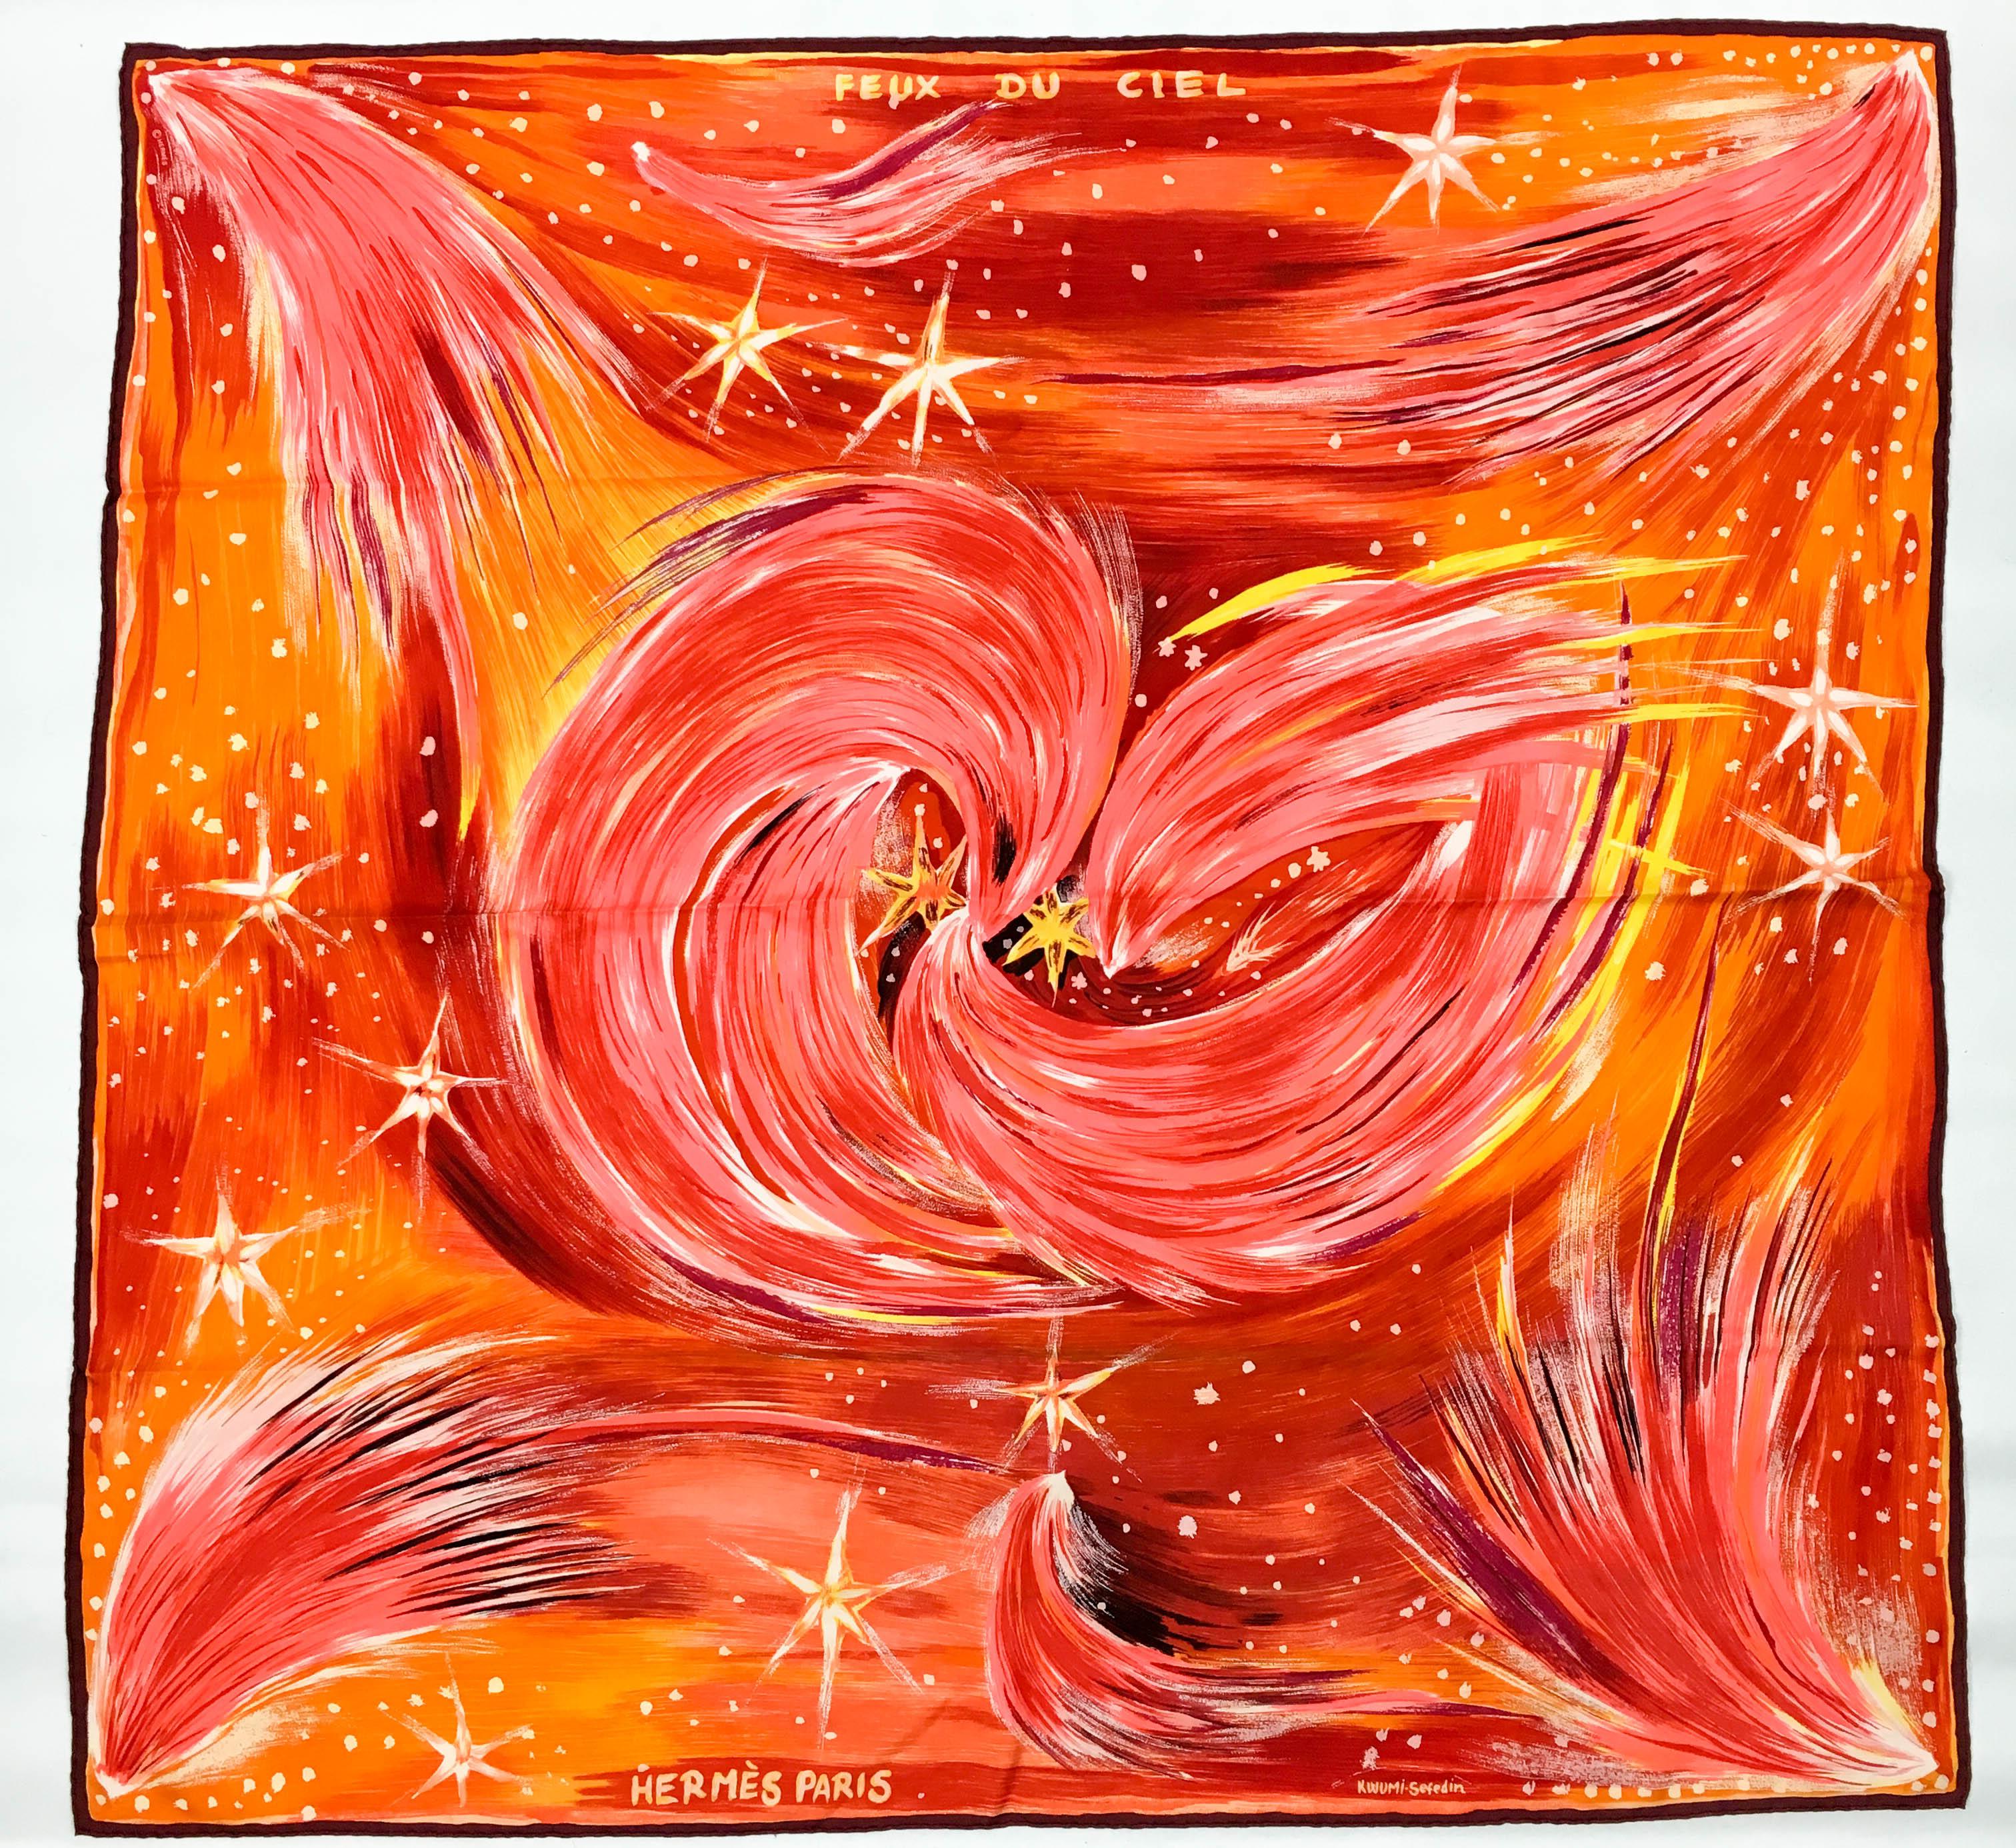 Hermes-Feux-Du-Ciel-Silk-Scarf-35X35-Designer-Art-Work-2000-Vintage_5533H.jpg